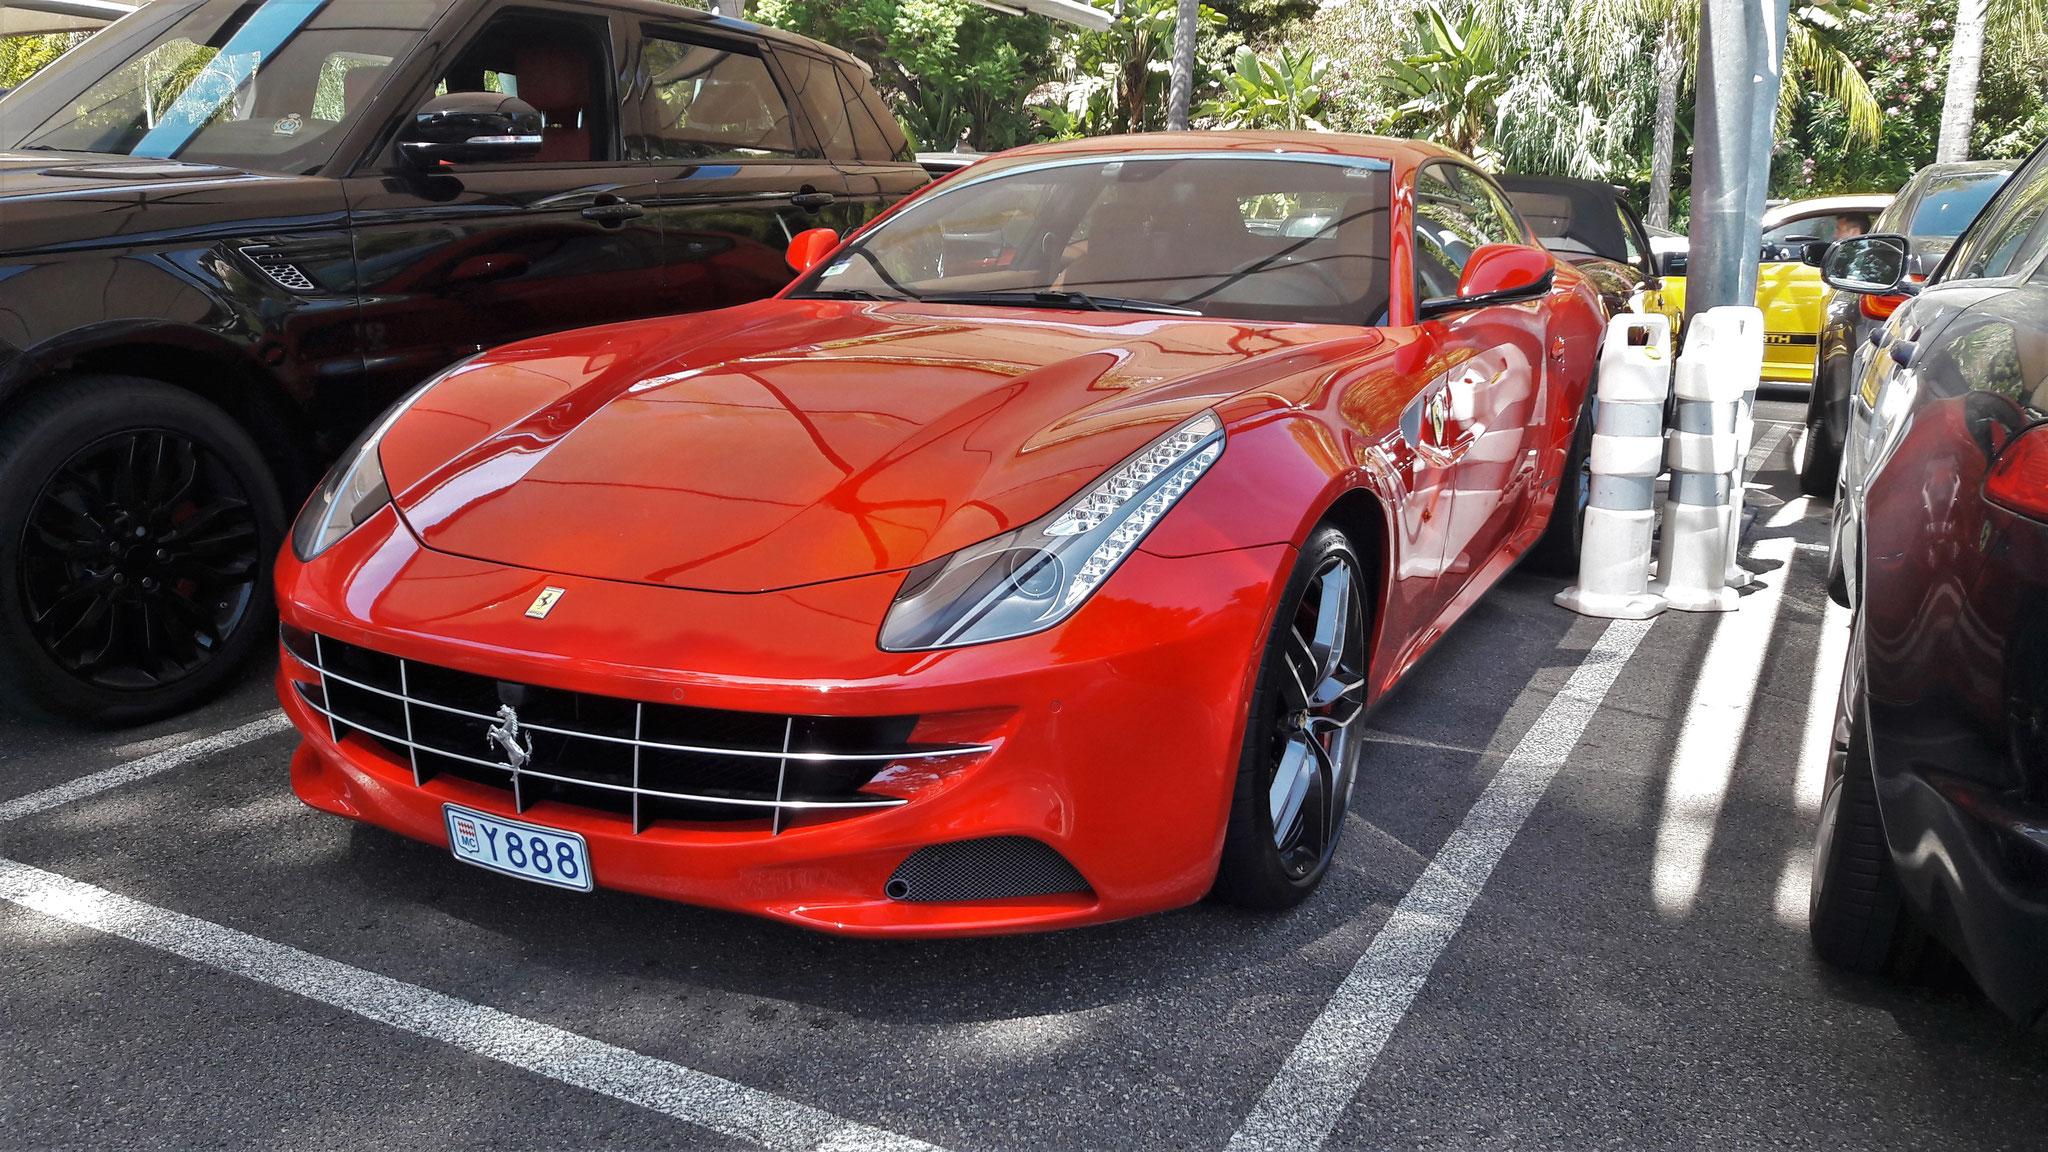 Ferrari FF - Y888 (MC)